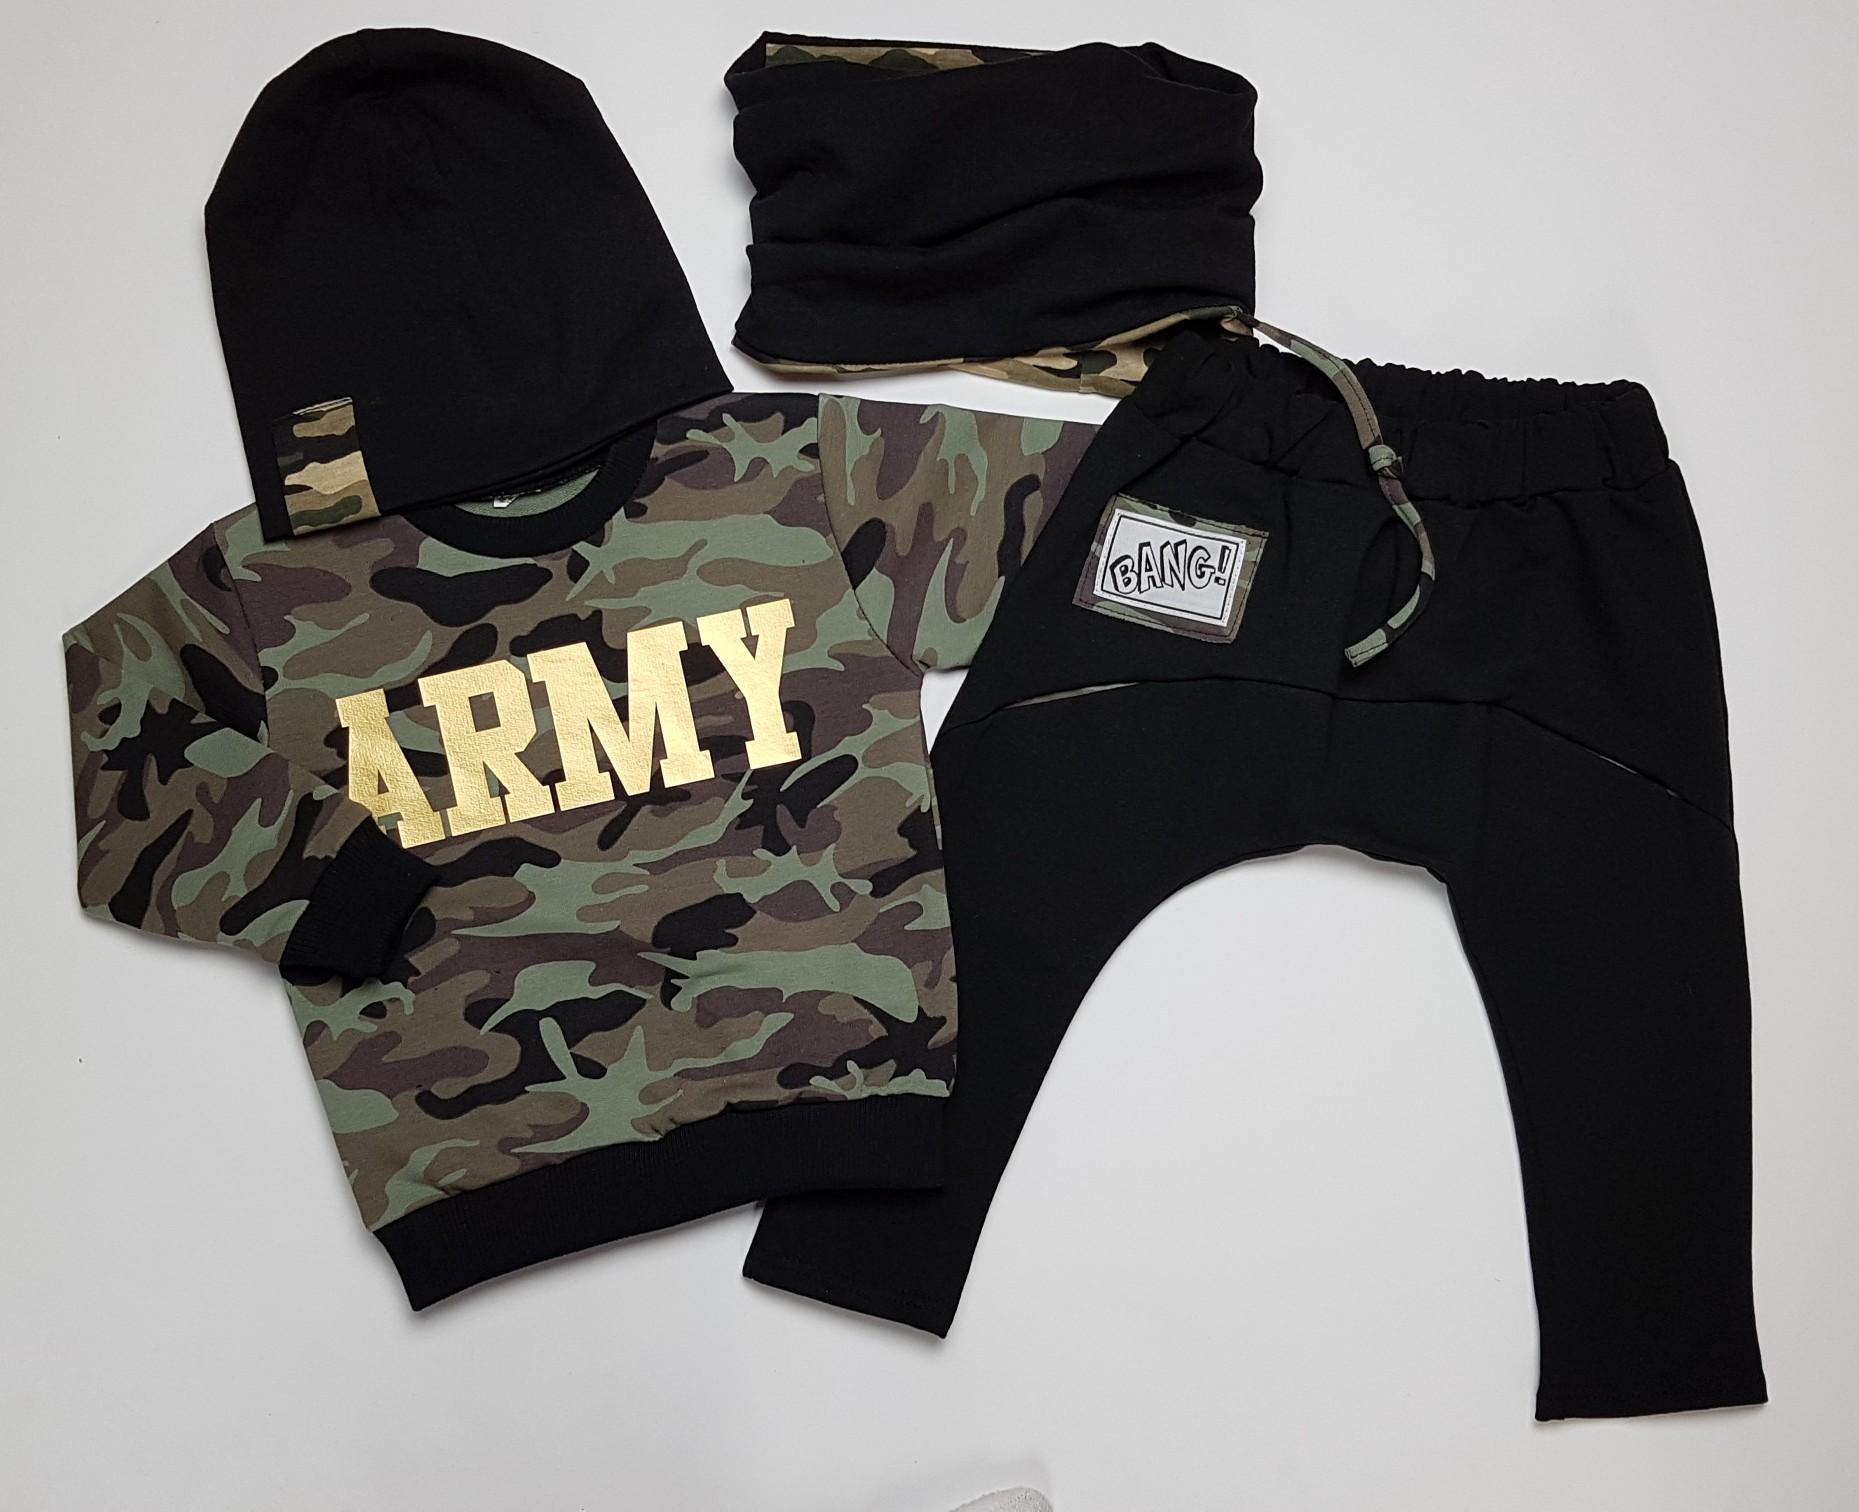 10c984033 Komplet chłopięcy ARMY moro spodnie+bluza roz 122 - 7257210348 ...